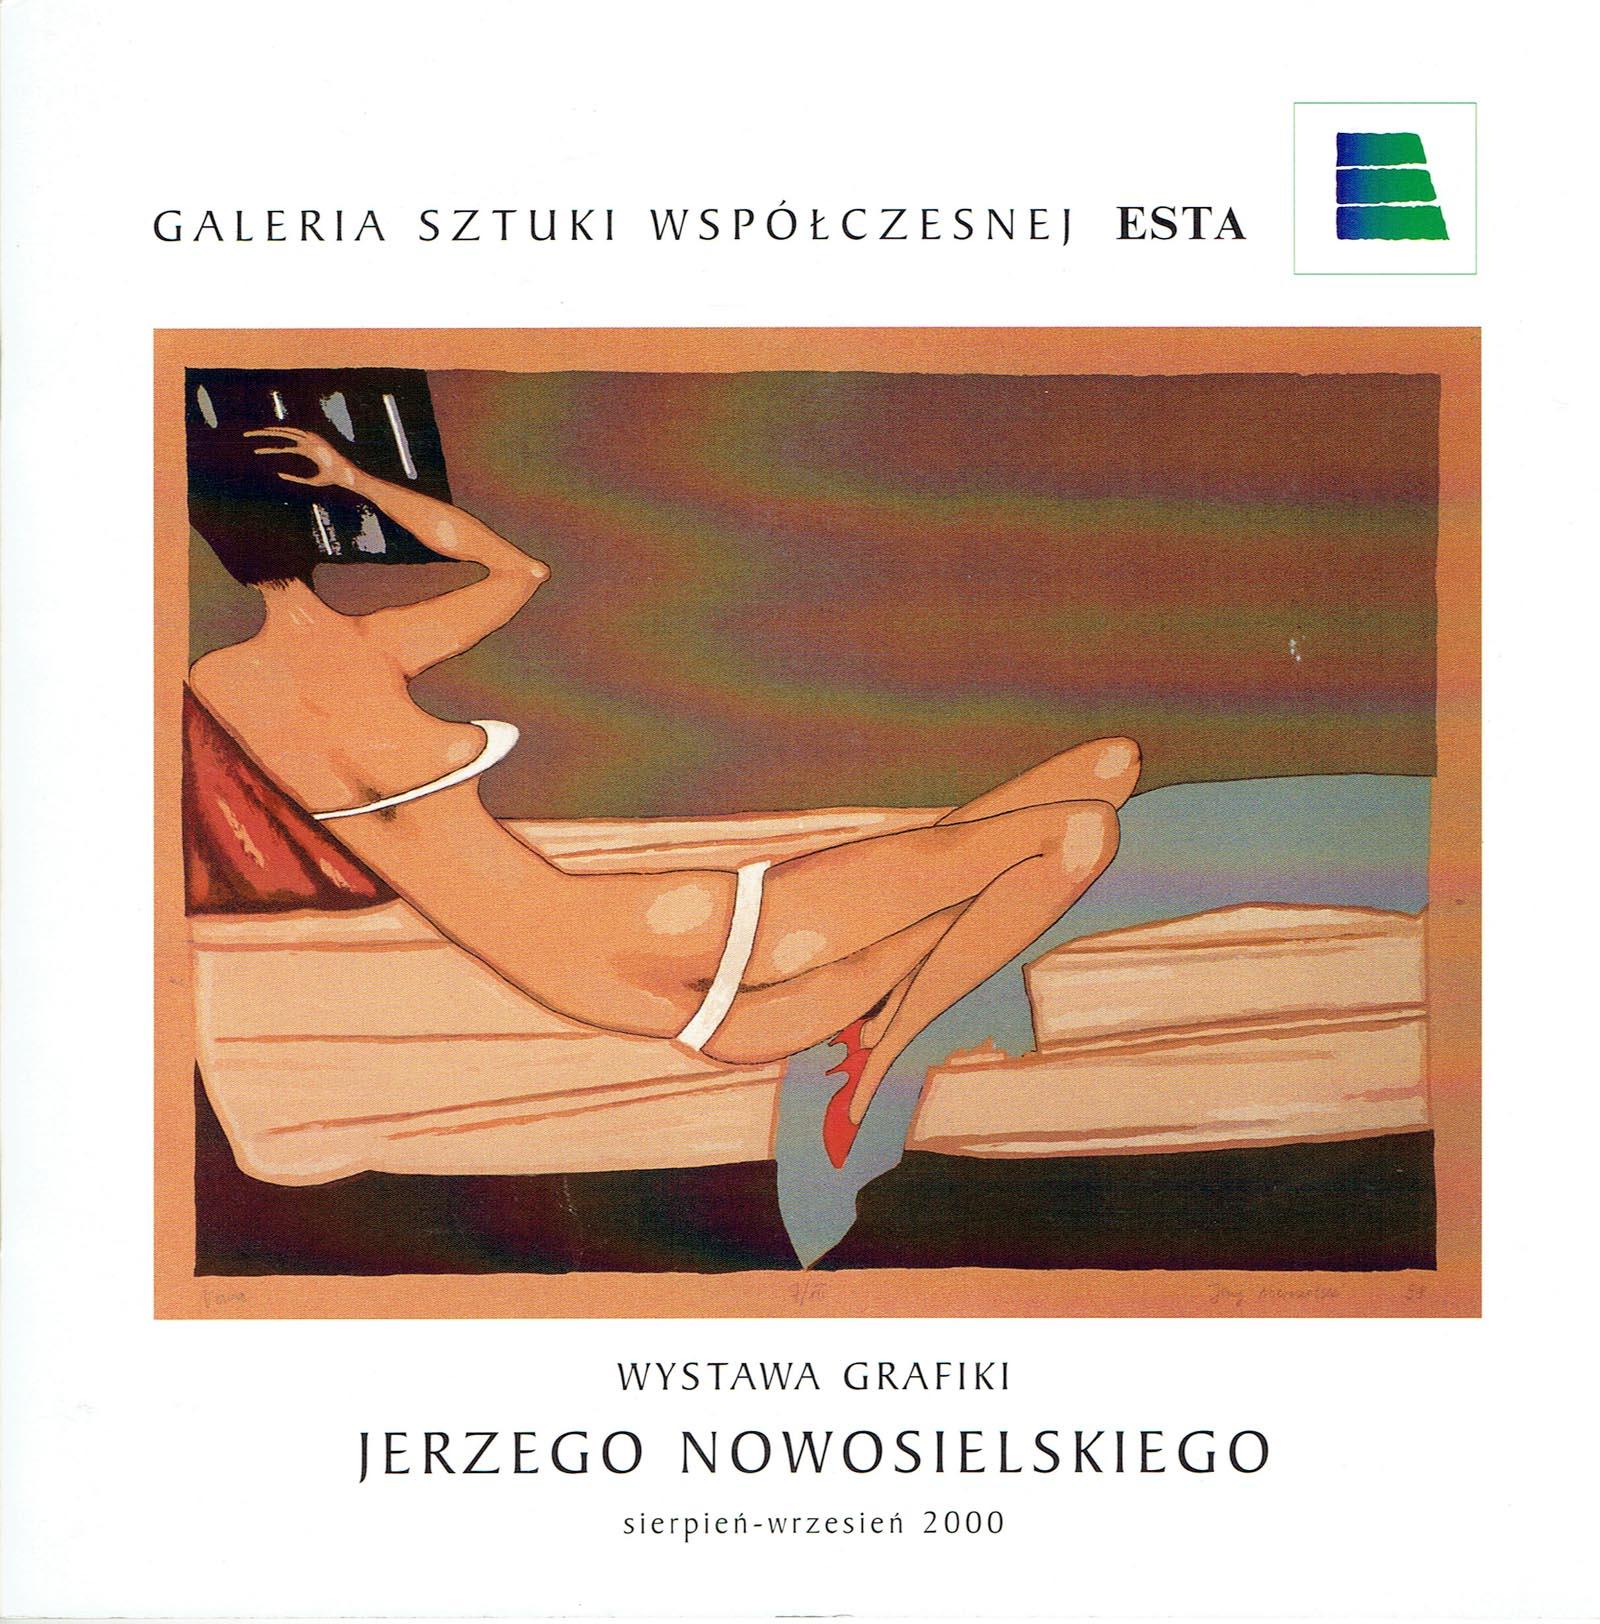 Wystawa grafiki Jerzego Nowosielskiego